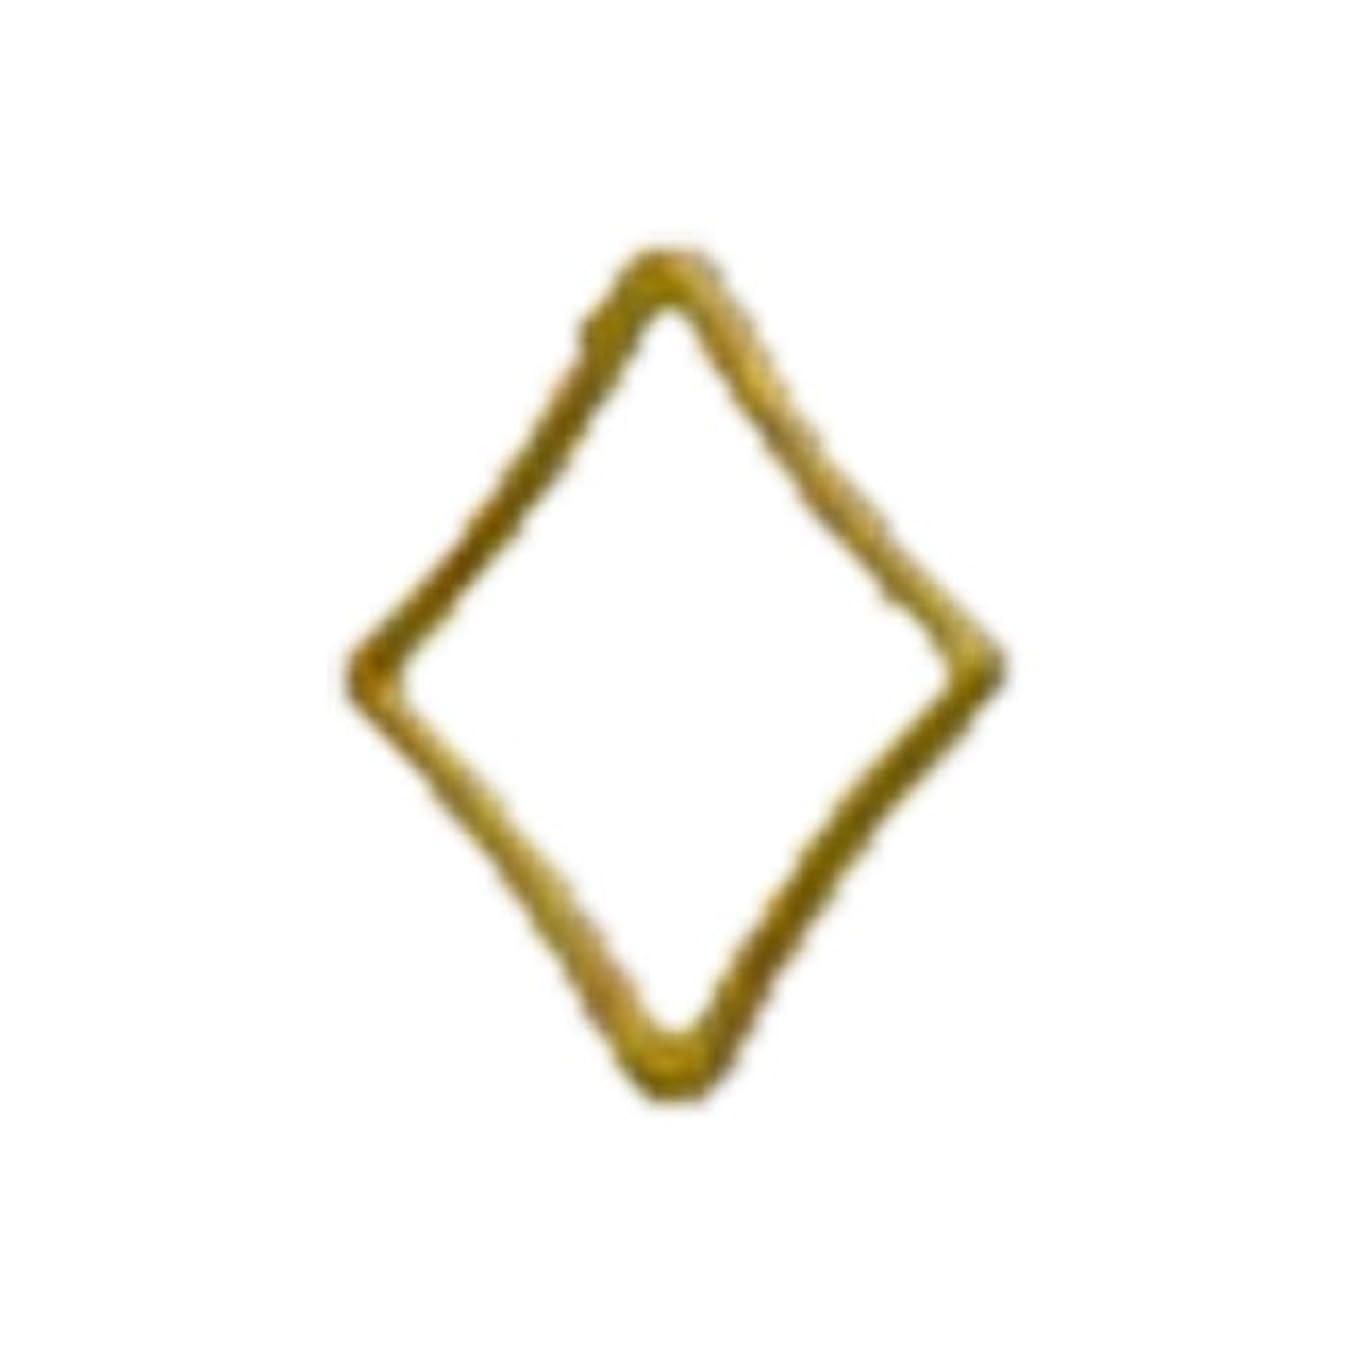 サイクル卒業測定可能リトルプリティー ネイルアートパーツ キラキラ 3S ゴールド 20個